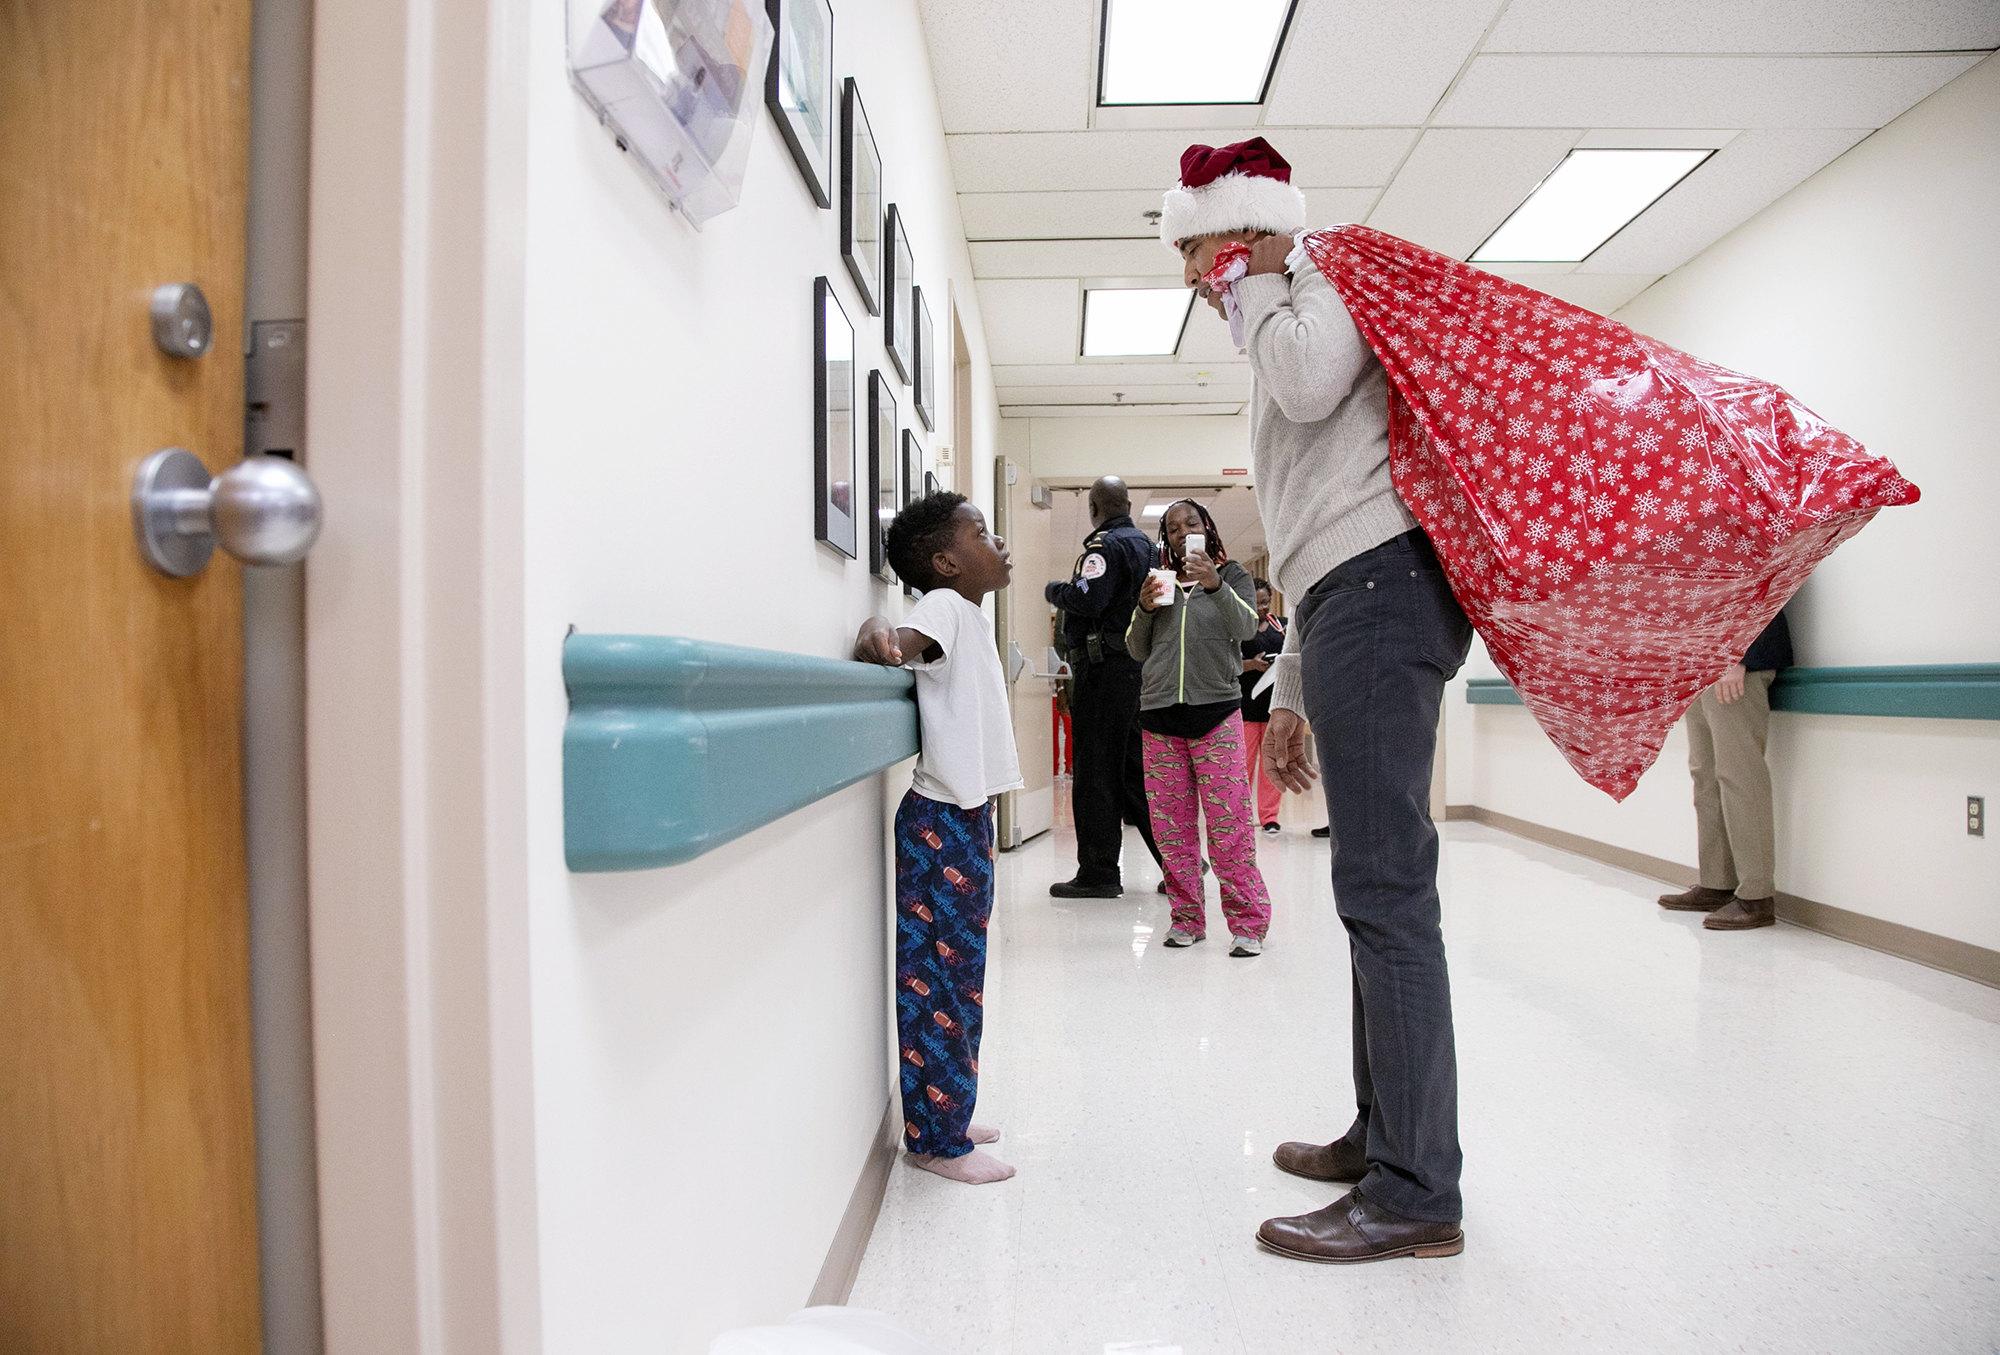 Бывший президент США Барак Обама принес подарки длядетей, которые проходят лечение вДетском национальном медицинском центре вВашингтоне, округ Колумбия, 19 декабря 2018 года